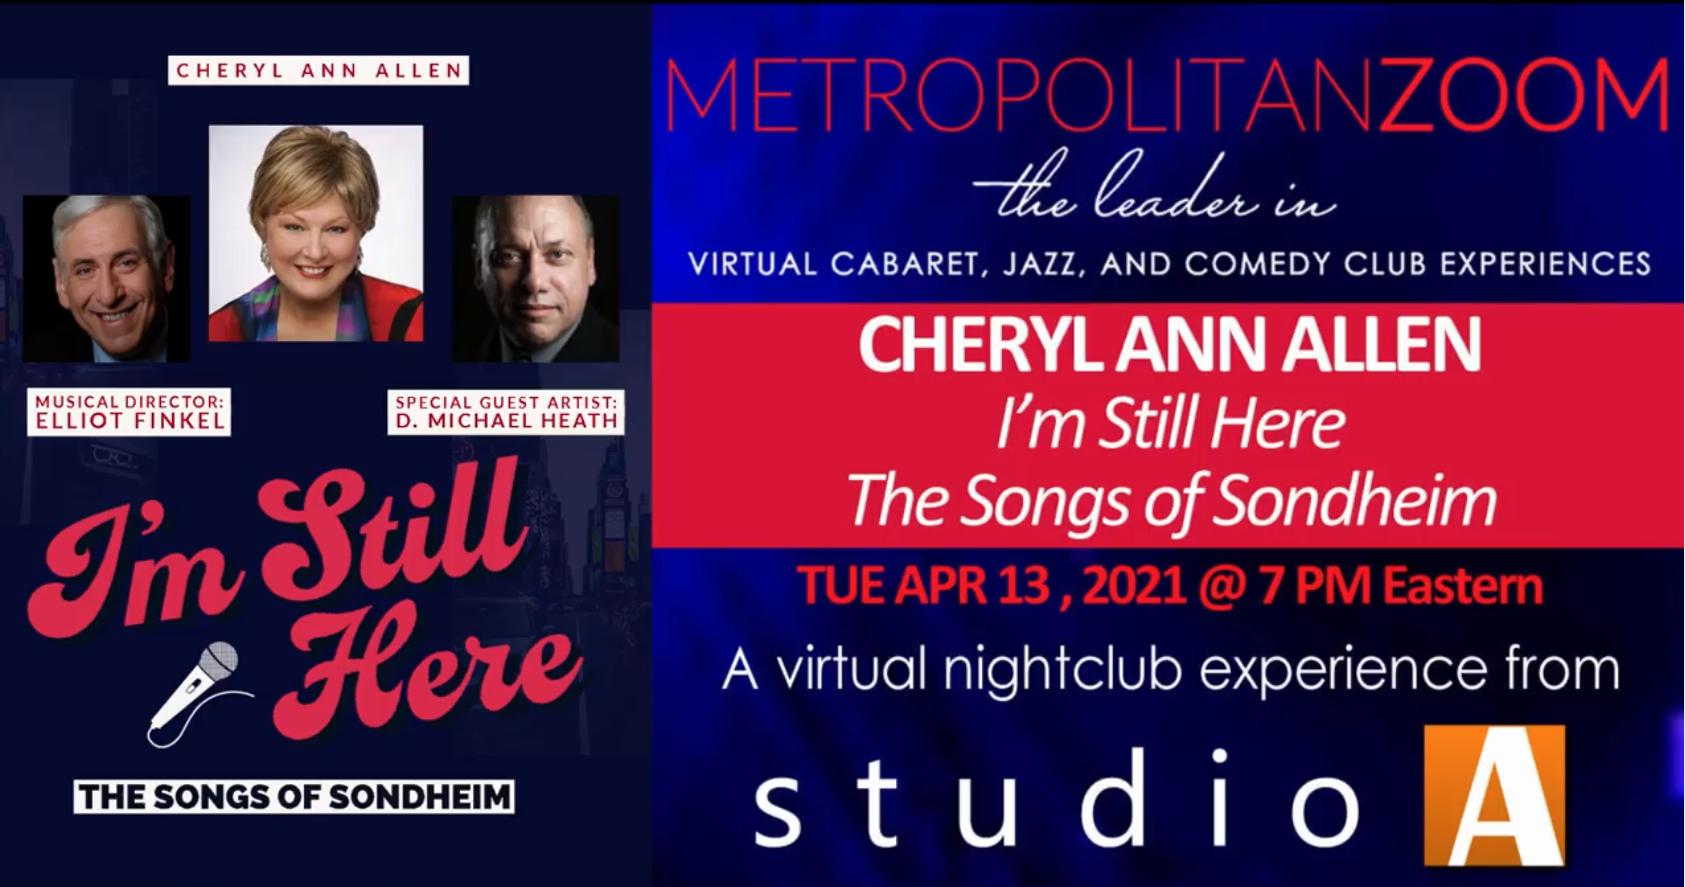 Cheryl Ann Allen: